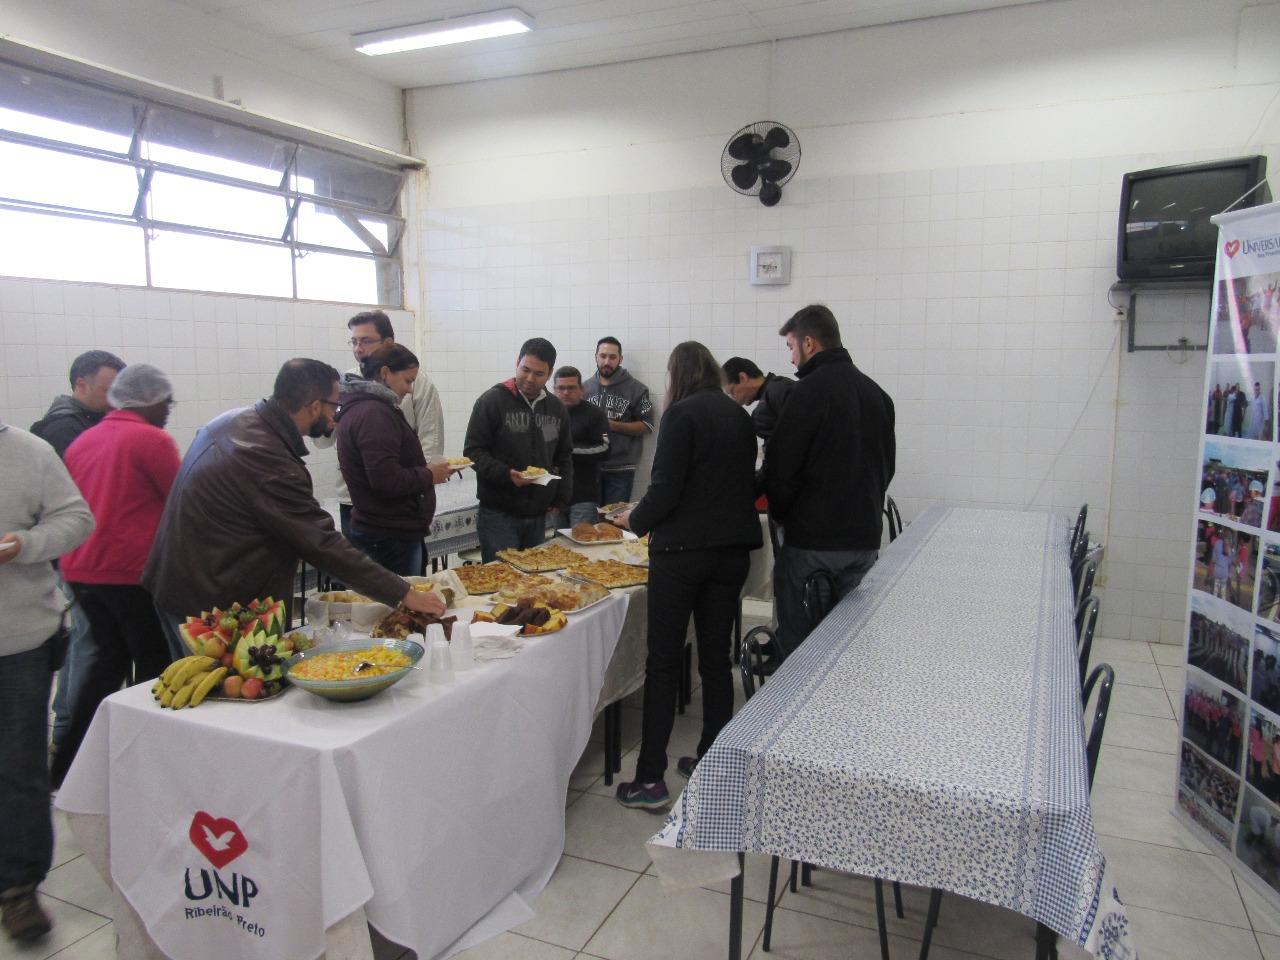 UNP promove café da manhã em presídio2 min read